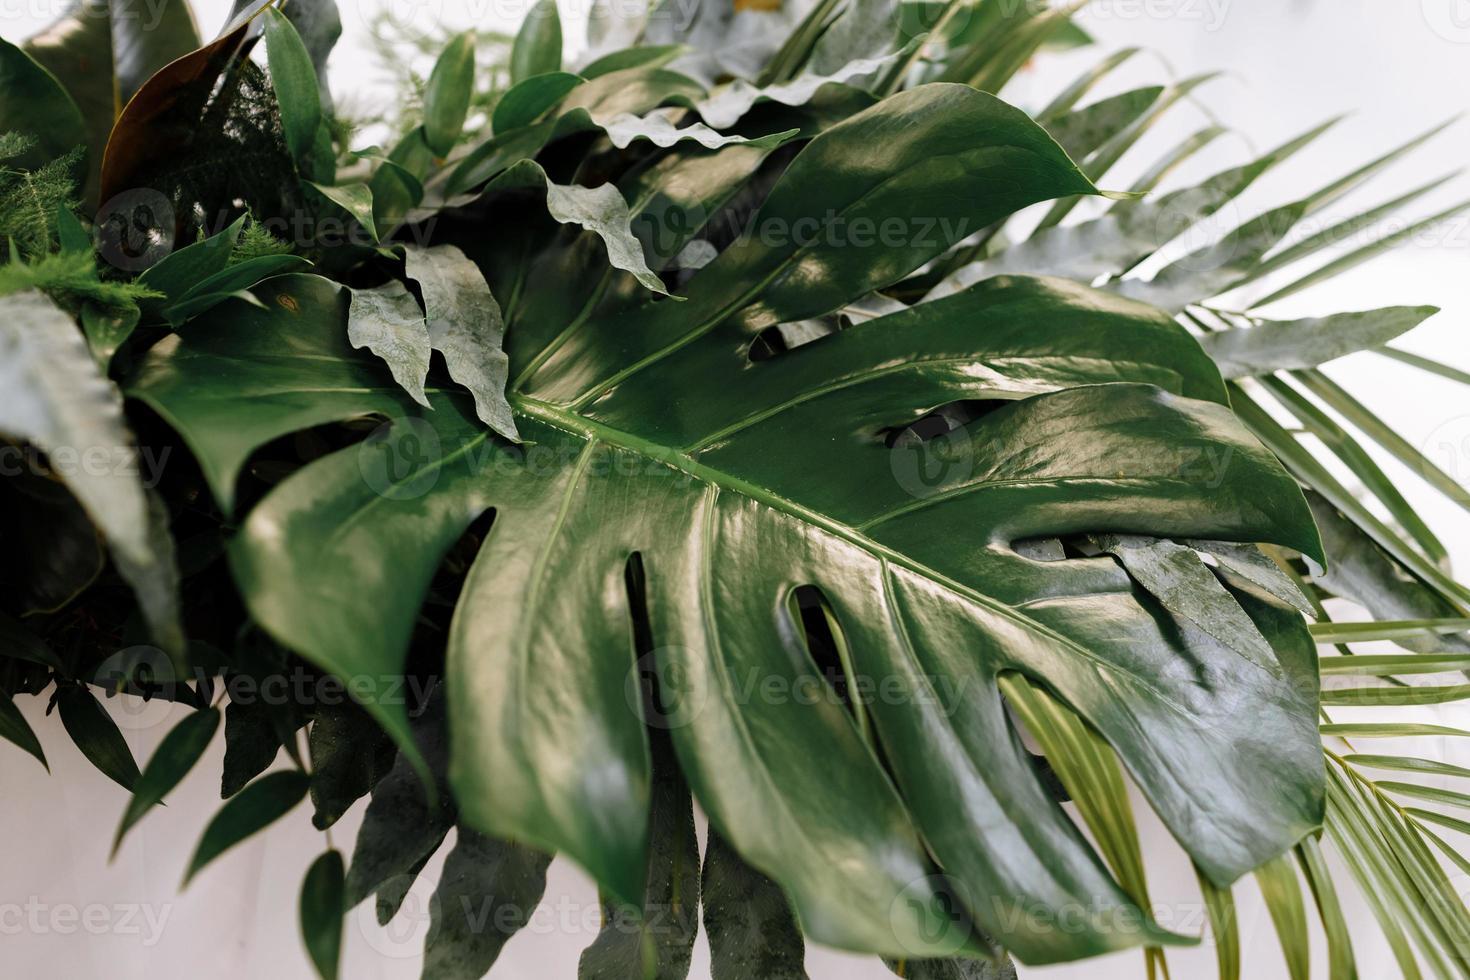 varie foglie verdi esotiche di mostri e palme per il concetto di natura, set di foglie tropicali isolate su sfondo bianco foto